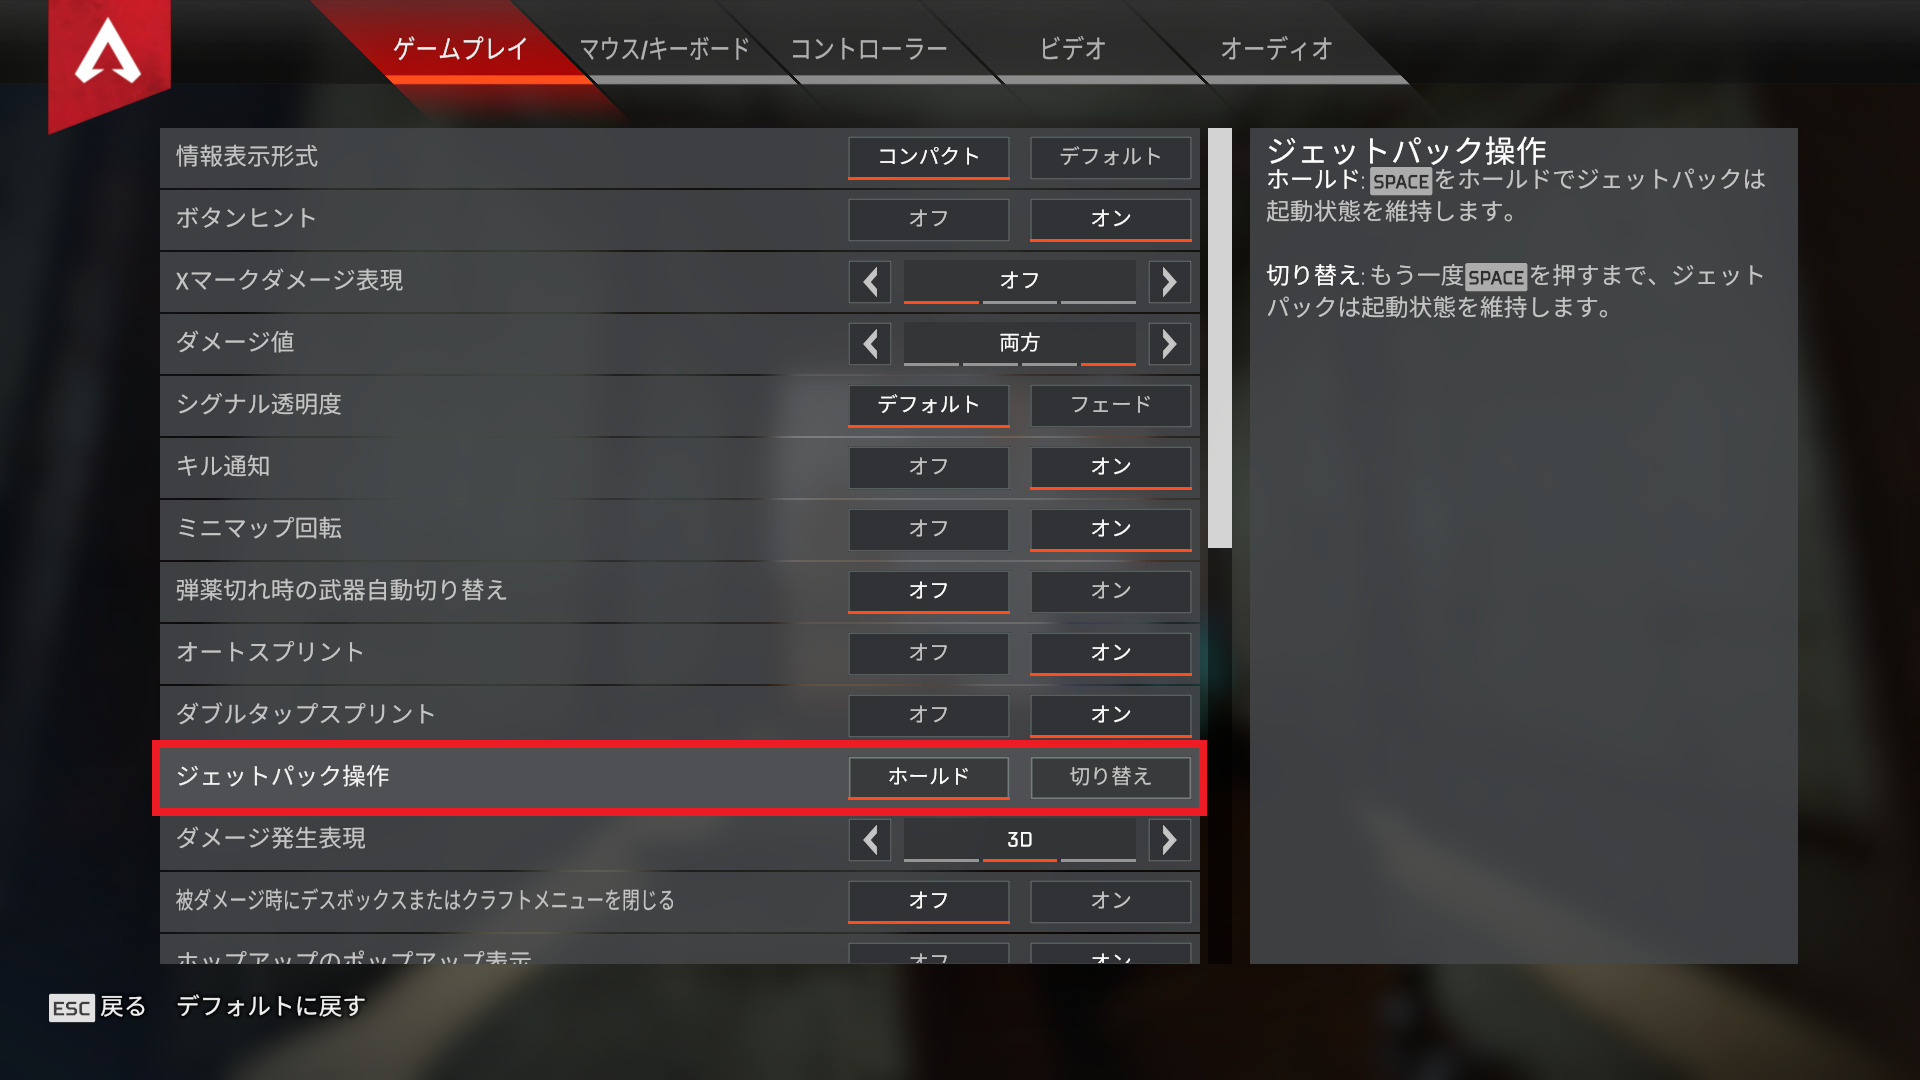 【Apex Legends】ジェットパック(VTOLジェット)の操作性を上げる方法【ヴァルキリー】【エーペックスレジェンズ】